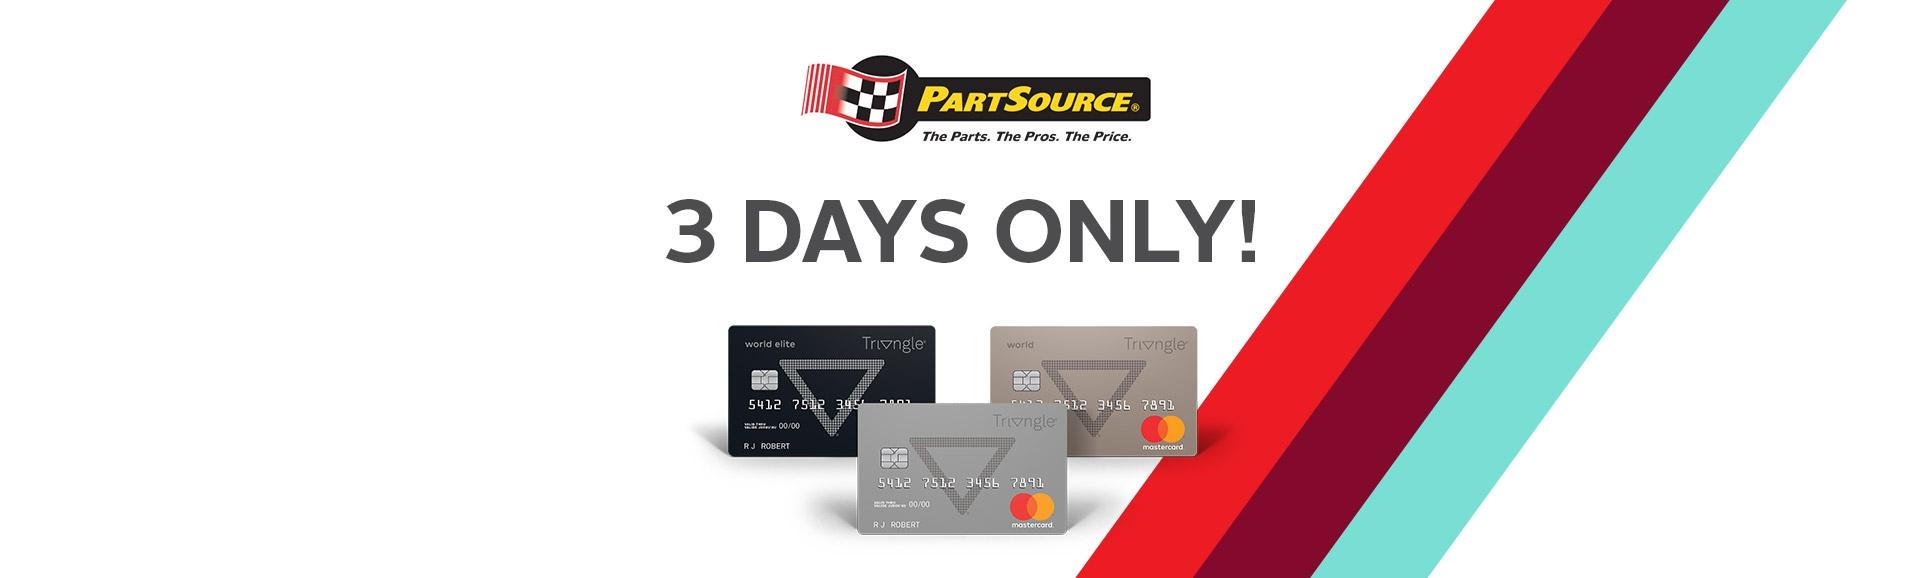 PartSource Promotions